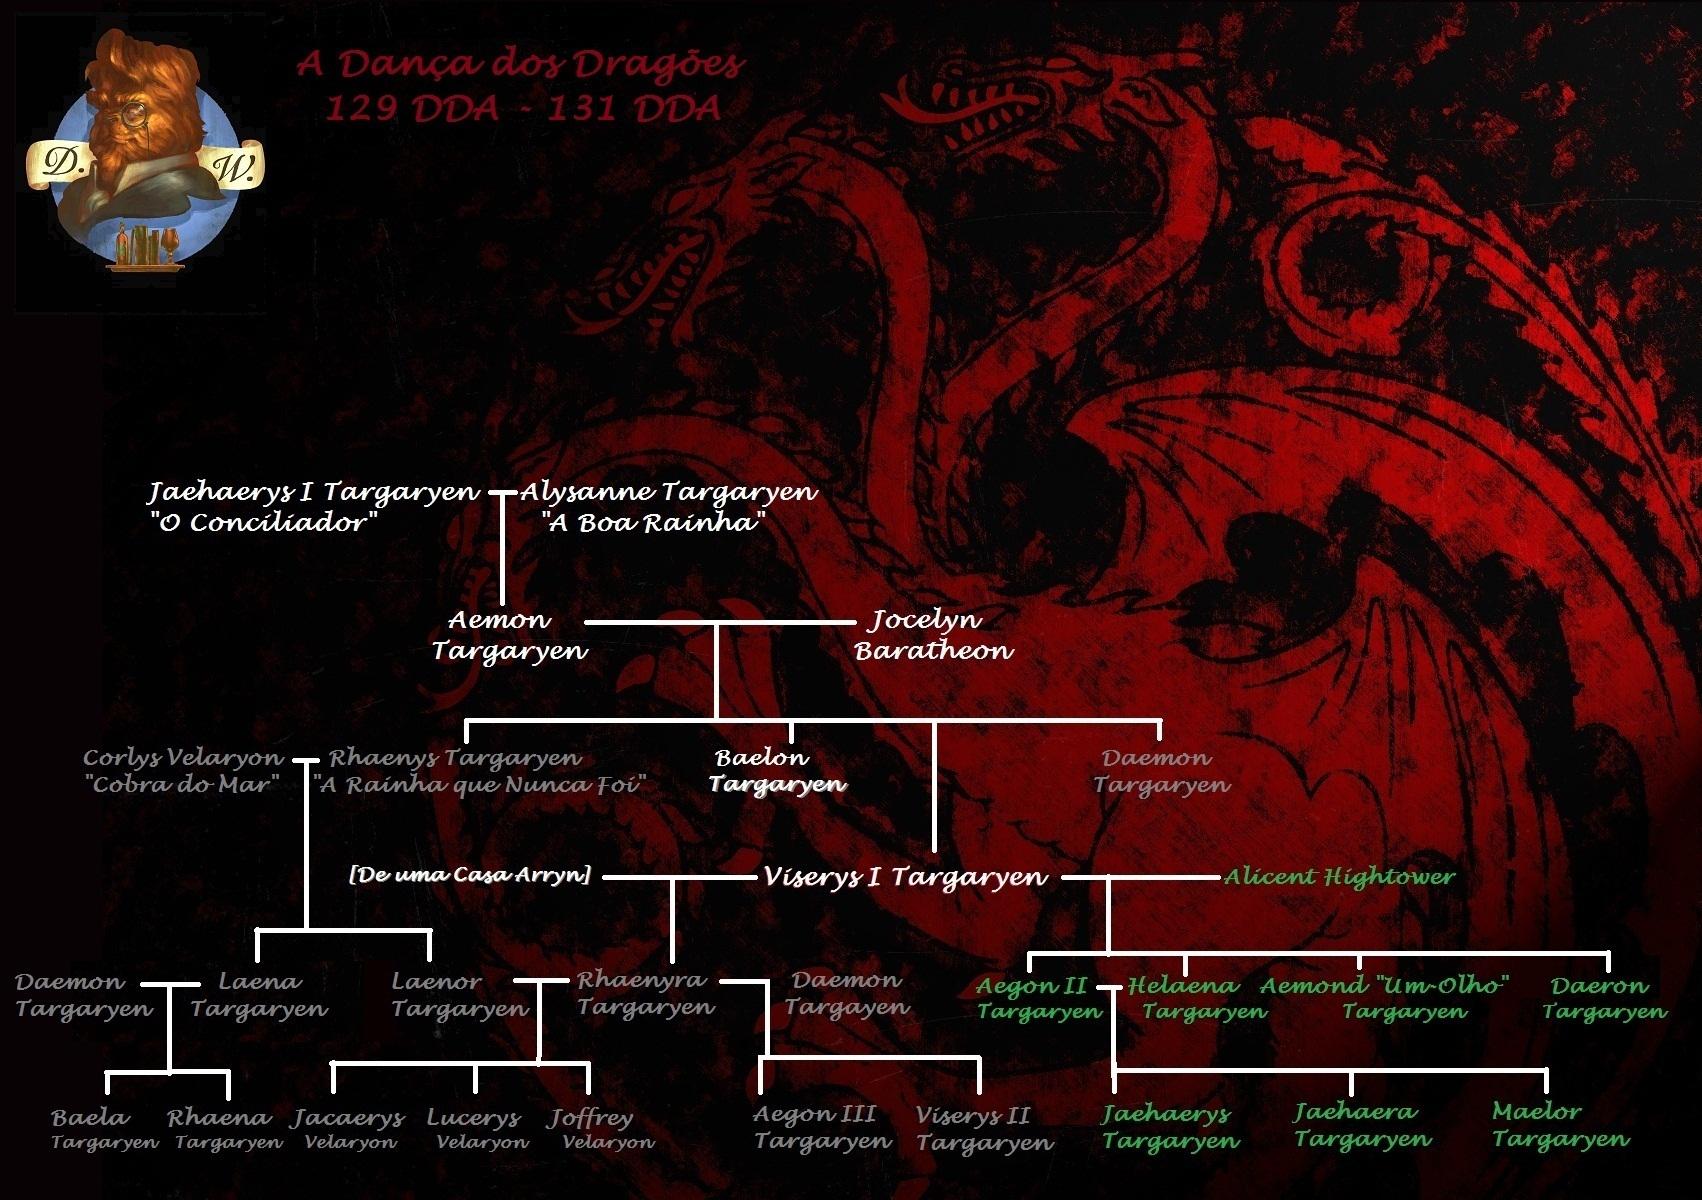 Extremamente As Crônicas de Gelo e Fogo – Dragões, Fogo, Sangue e sua Dança  MG13